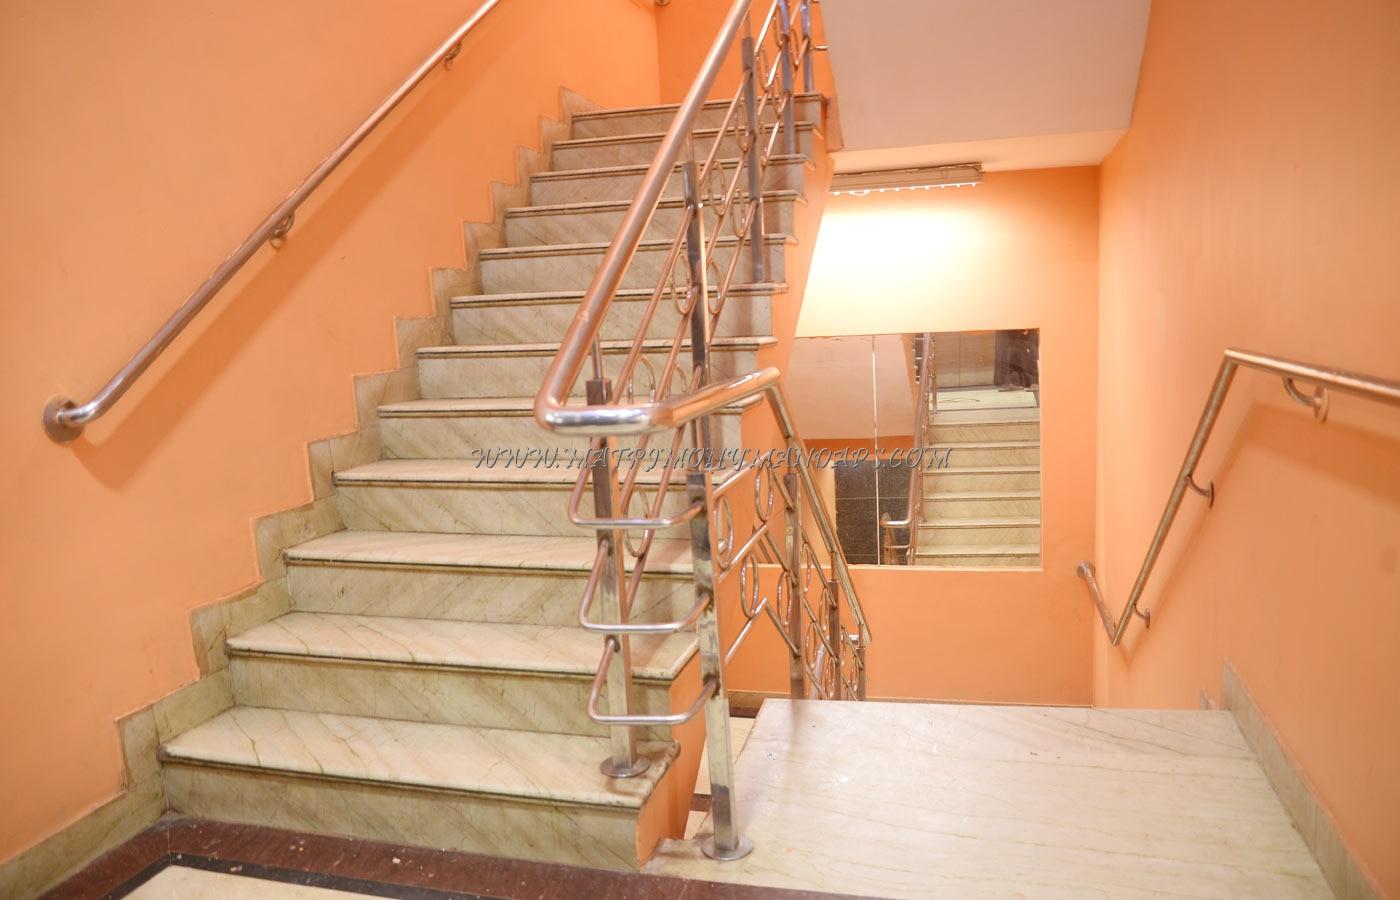 JS Malini Mahal - Stairway